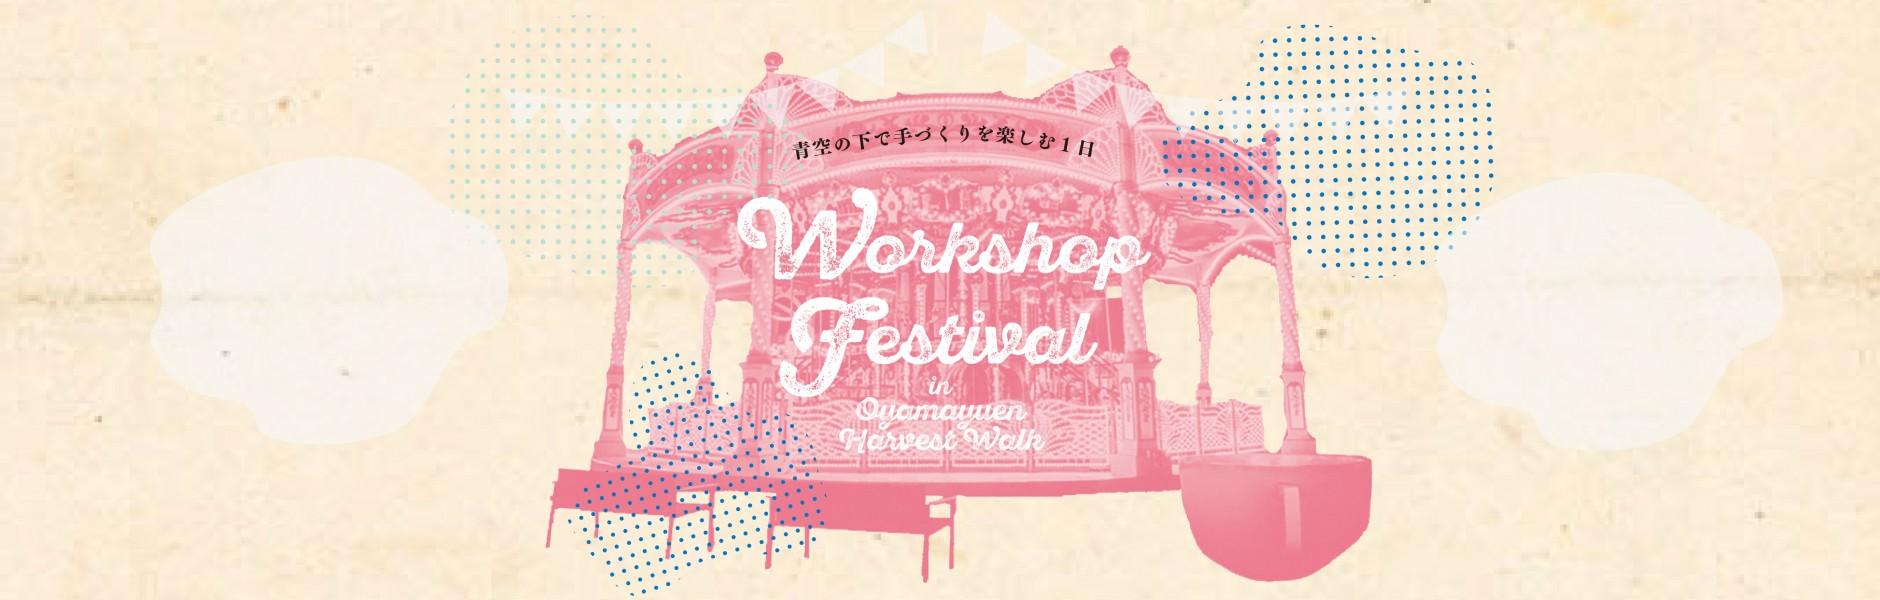 5/3 ワークショップ・フェスティバル in おやまゆうえんハーヴェストウォーク